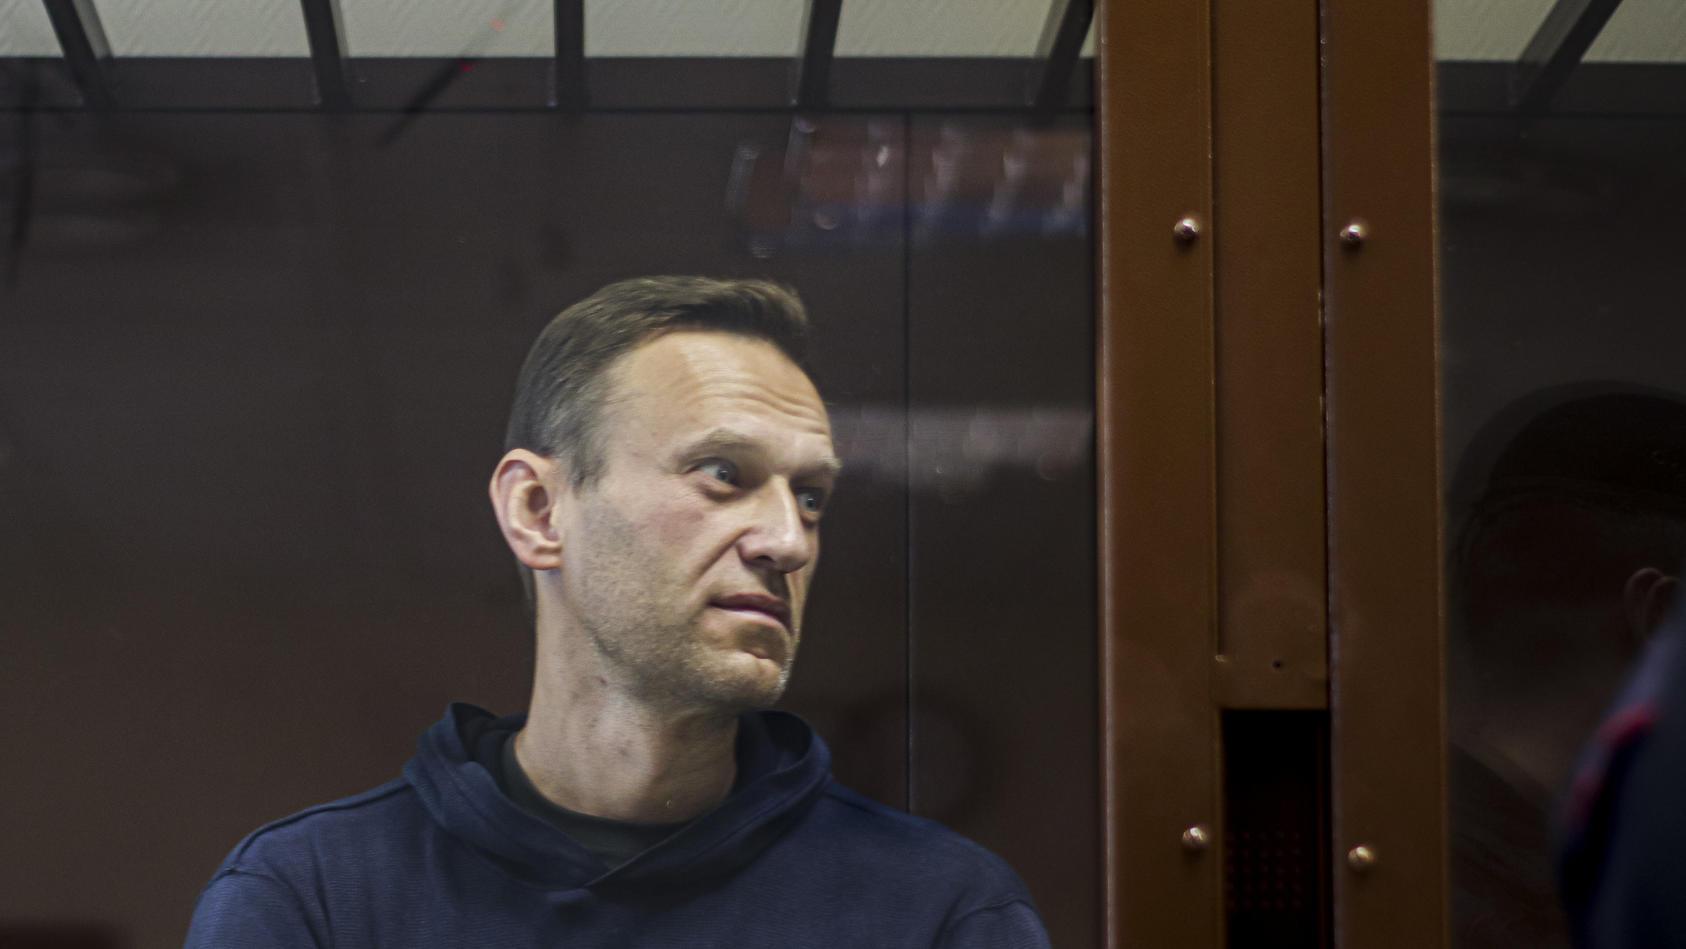 Es ist amtlich: Kremlgegner Alexej Nawalny wurde nun in eines der gefürchteten Haftanstalten Russlands gebracht, dass Ähnlichkeit mit einem KZ aufweist.